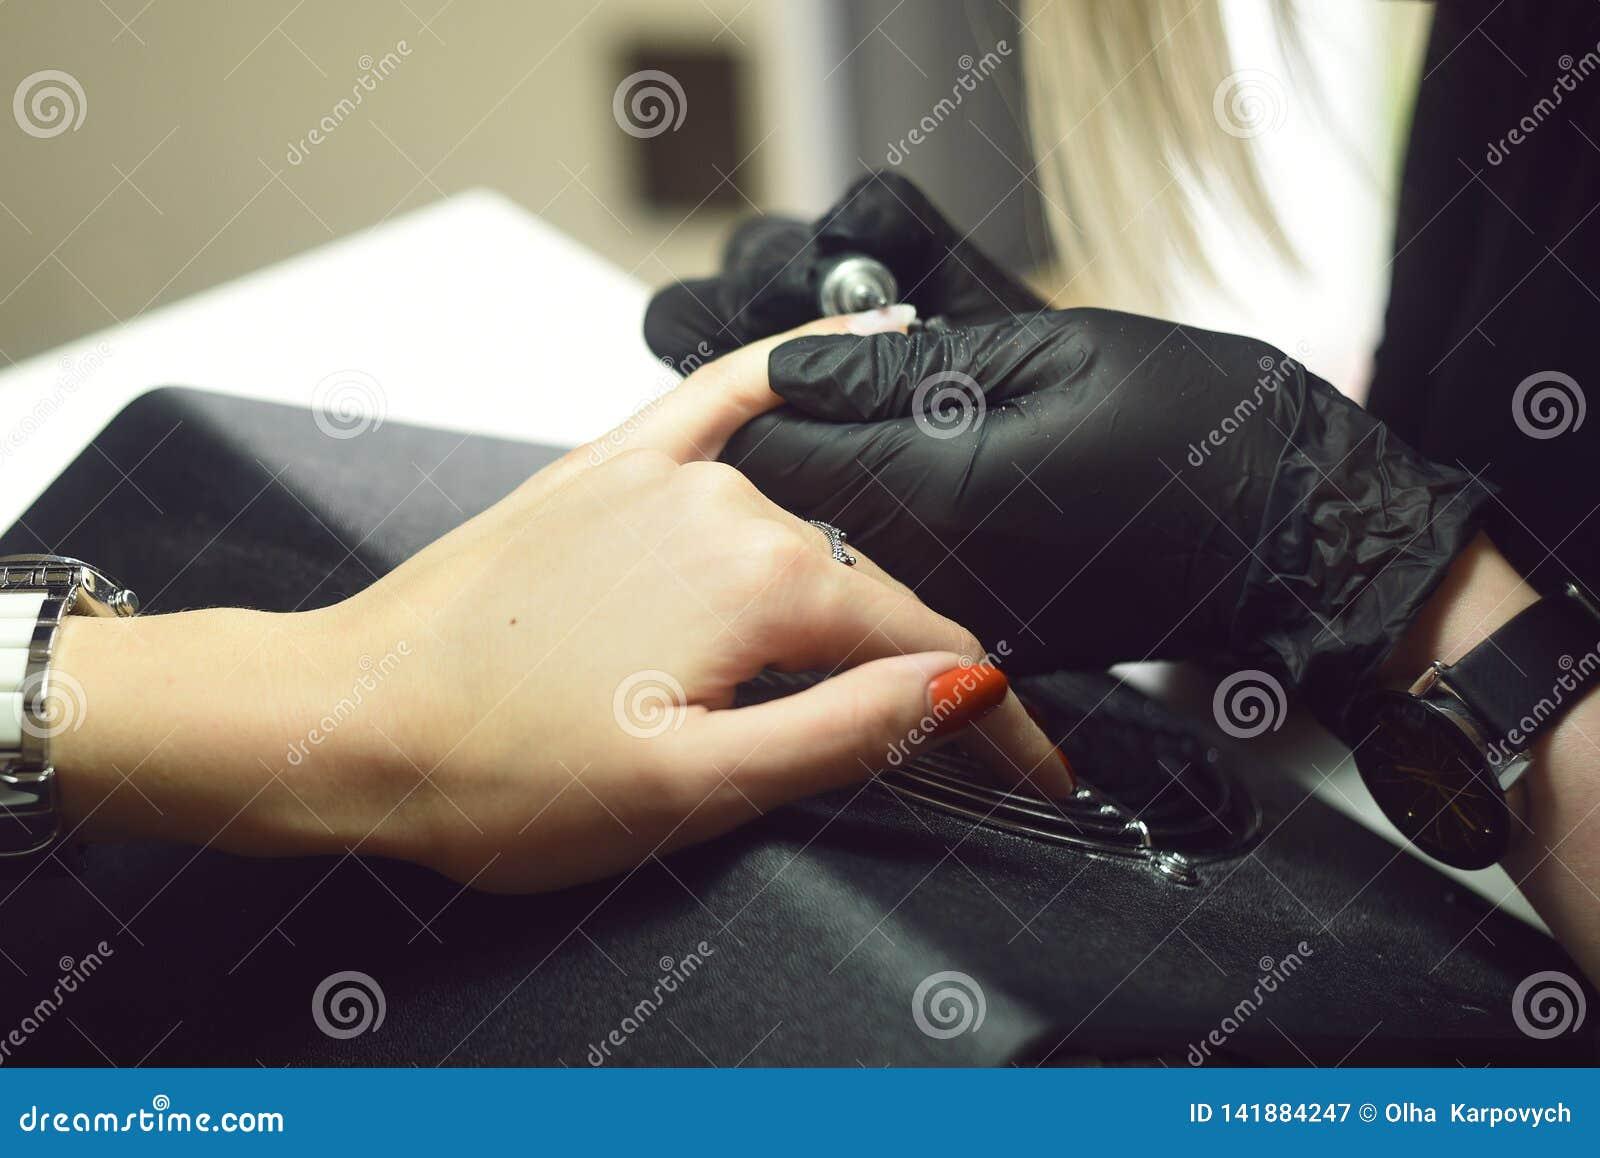 Enlèvement de gomme laque Le maître fait une manucure Jour de détente au salon de beauté Le maître de manucure fait la manucure s